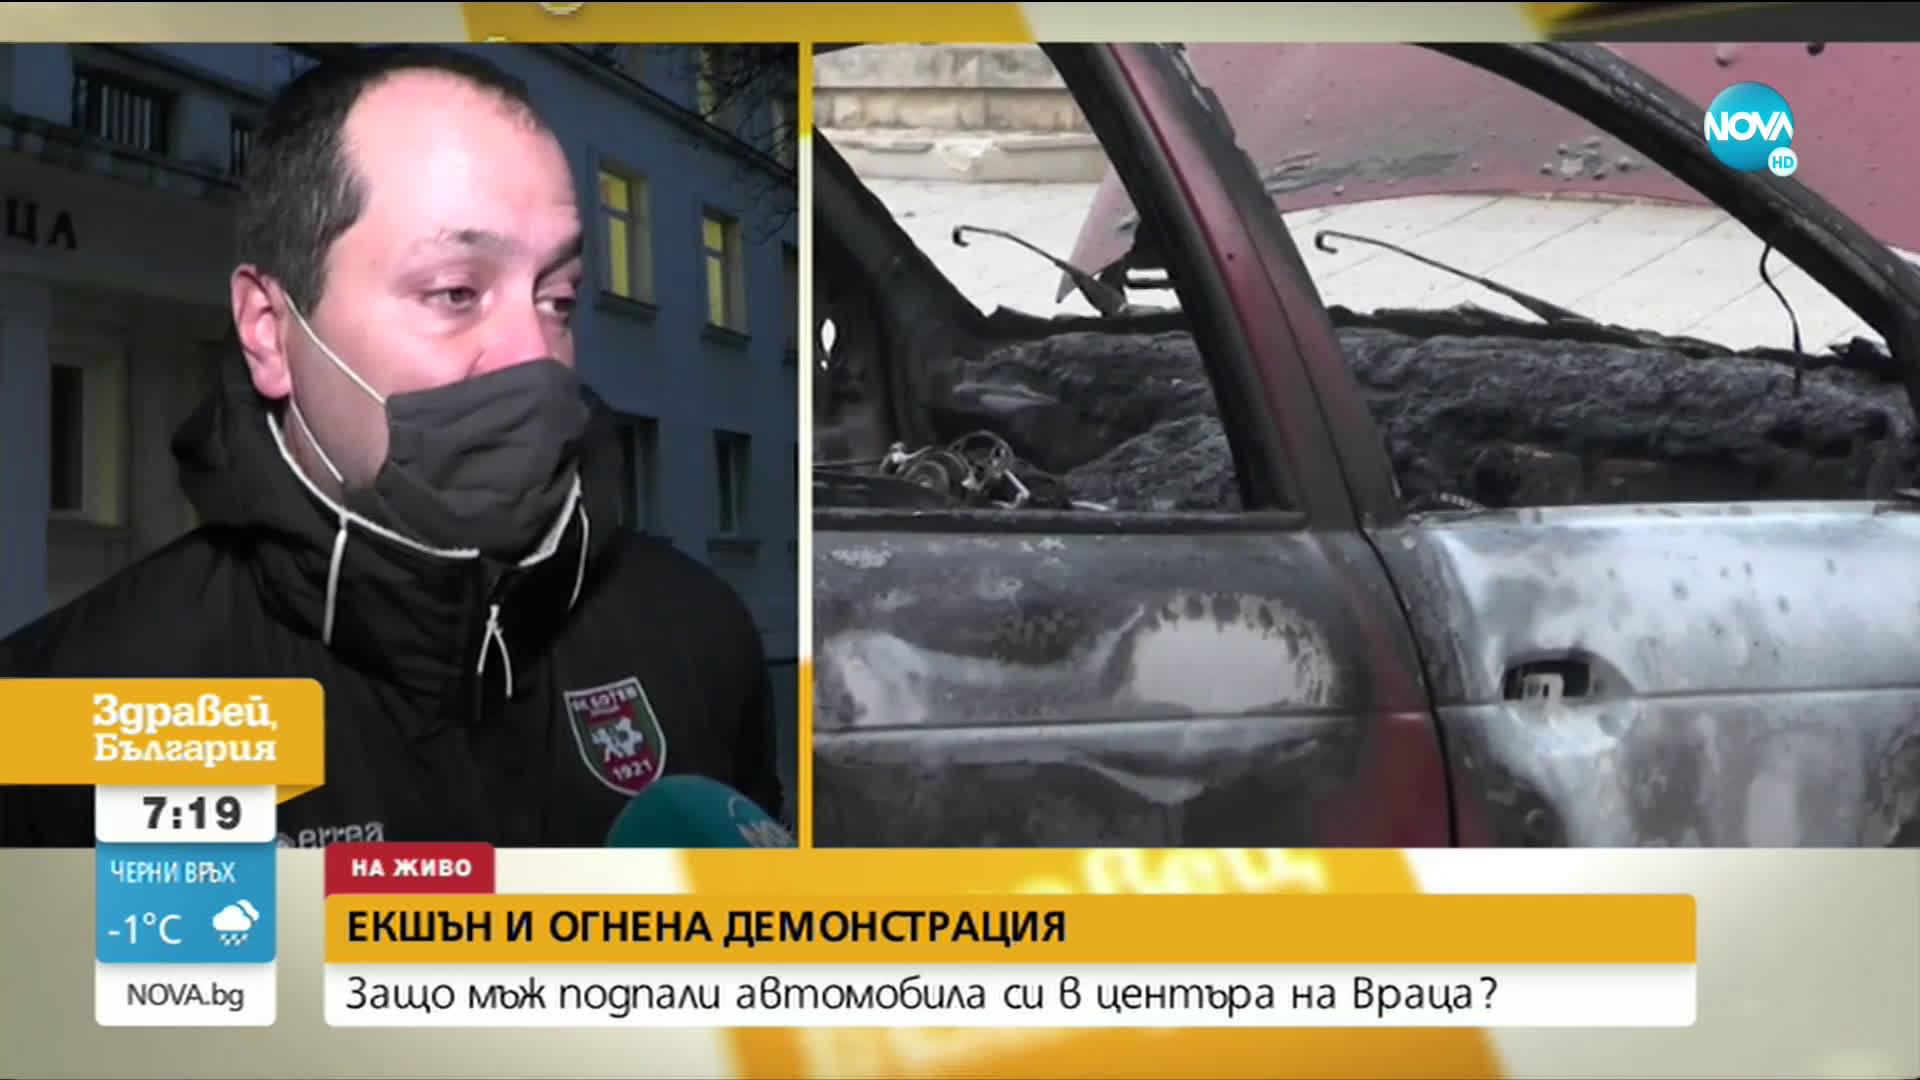 Защо мъж подпали автомобила си в центъра на Враца?